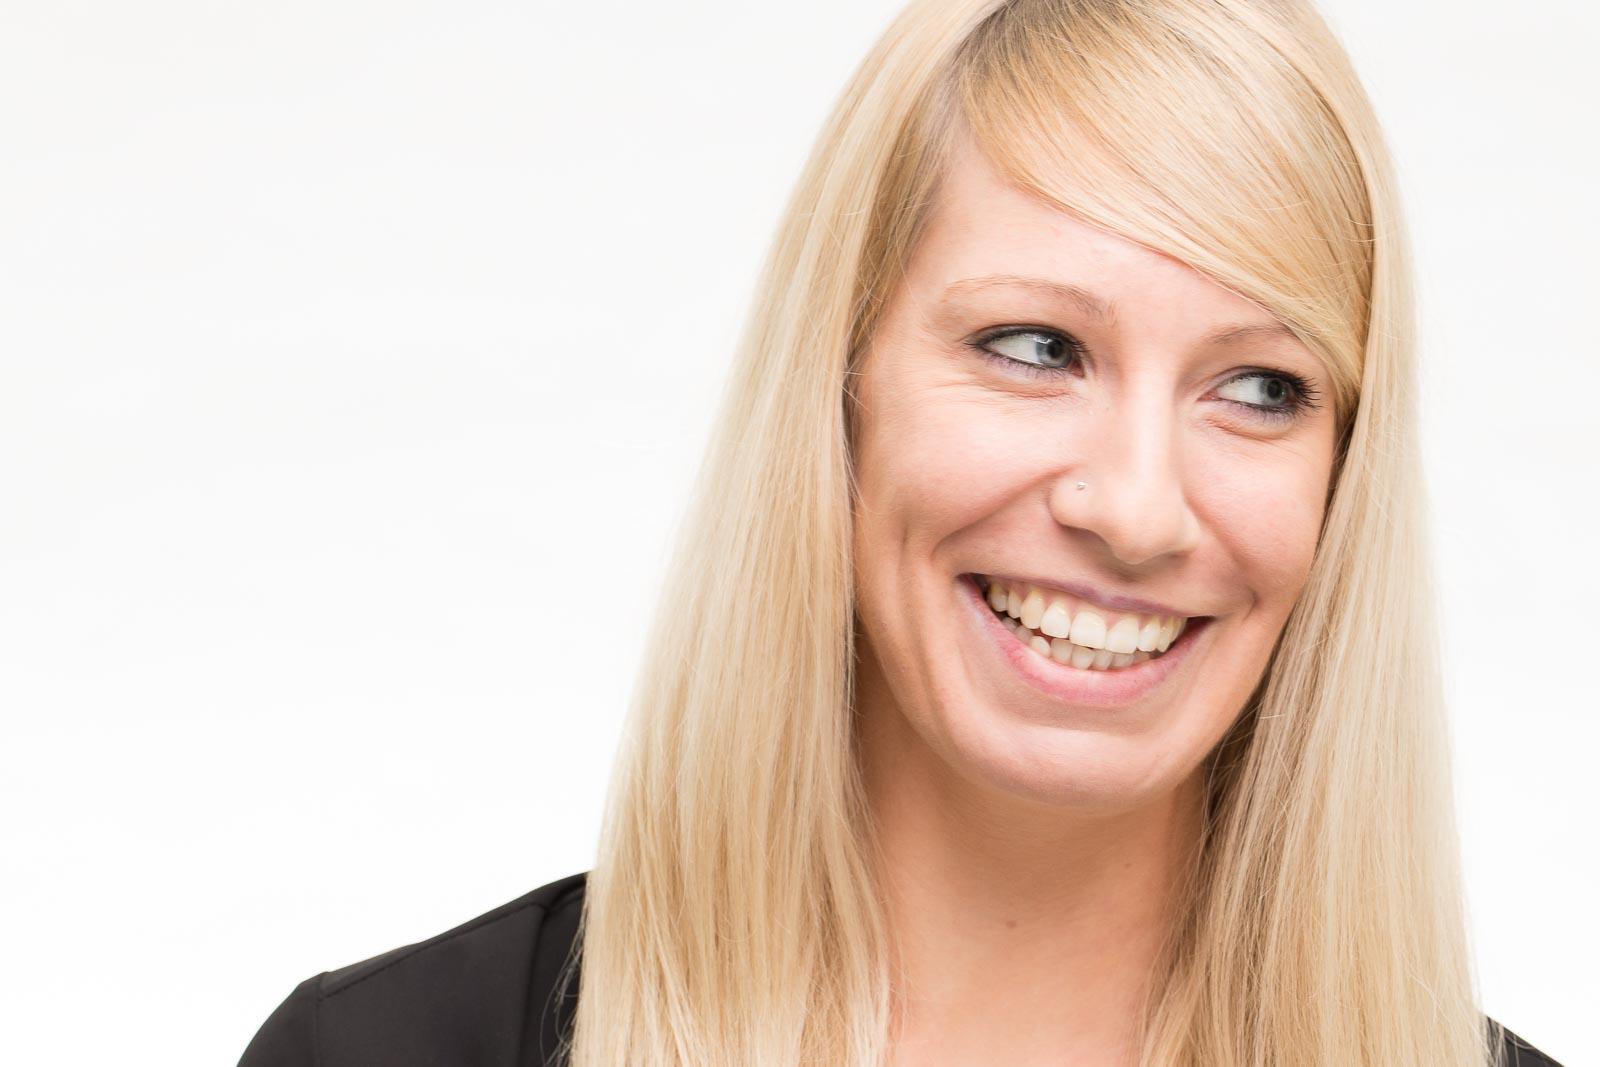 Portrait bzw Headshot von Danika im Peter Hurley Style Stil